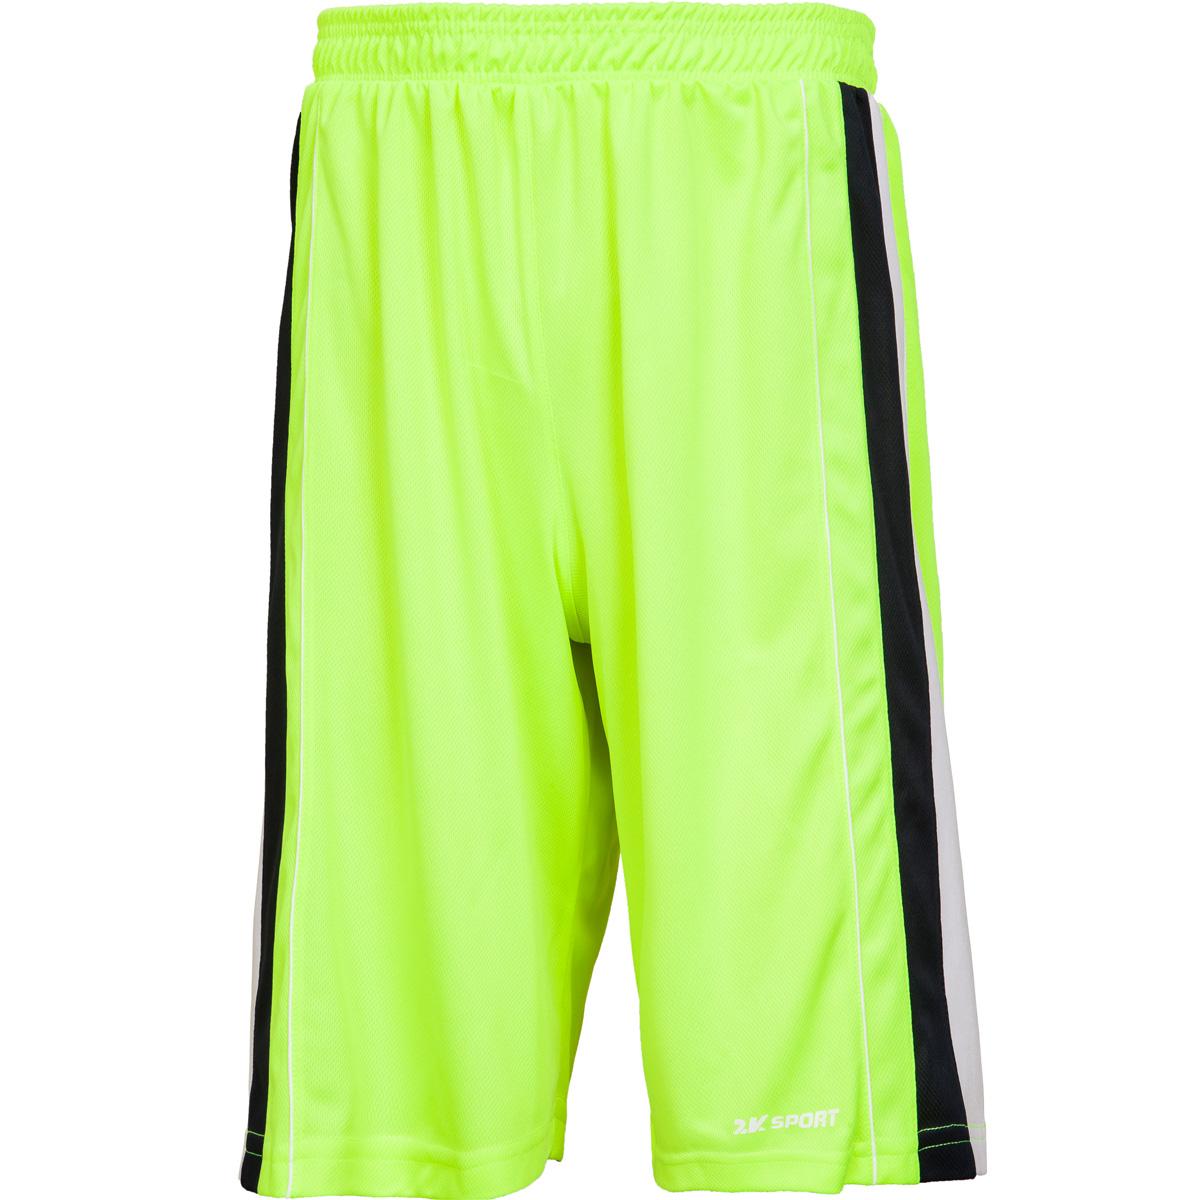 Шорты баскетбольные мужские 2K Sport Advance, цвет: неоново-желтый, темно-синий, белый. 130031. Размер XXXL (56)